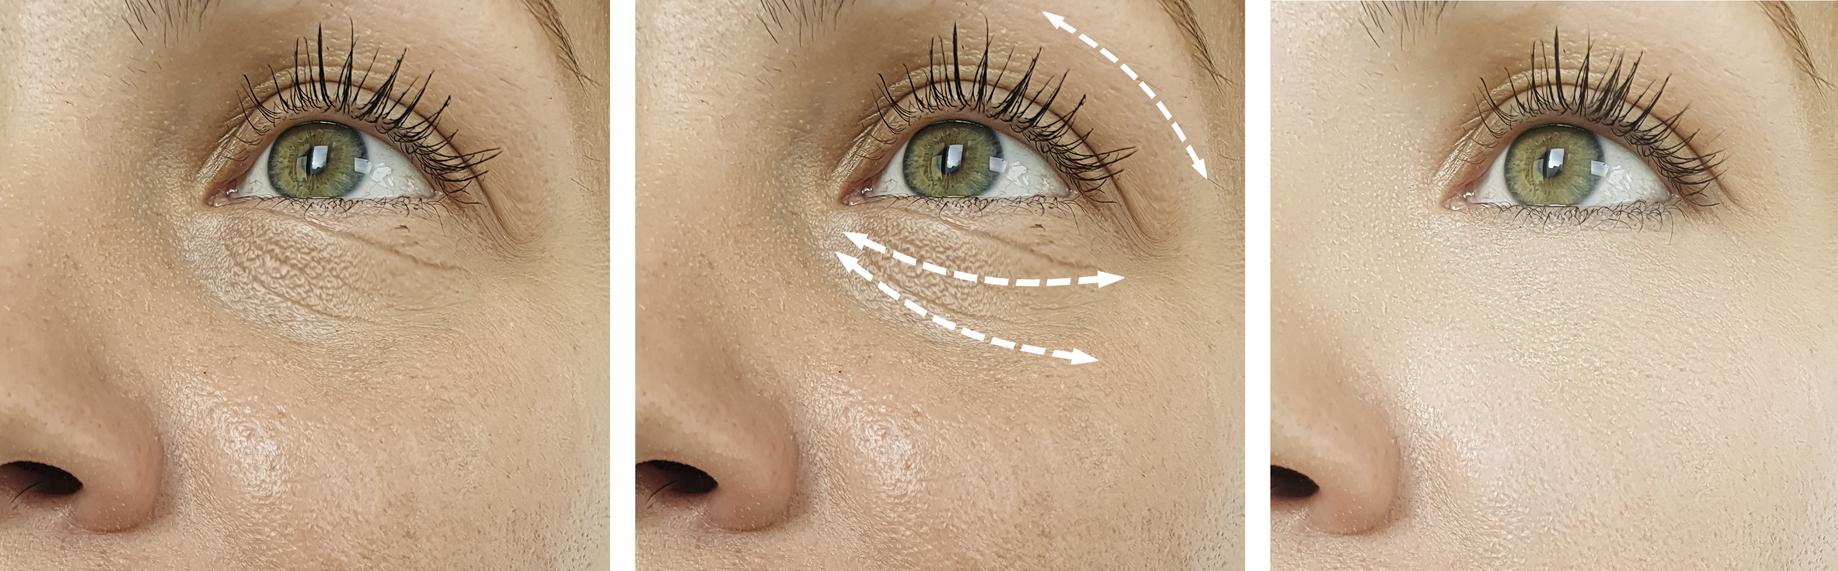 Crema casera con tres ingredientes para rejuvenecer el contorno de ojos